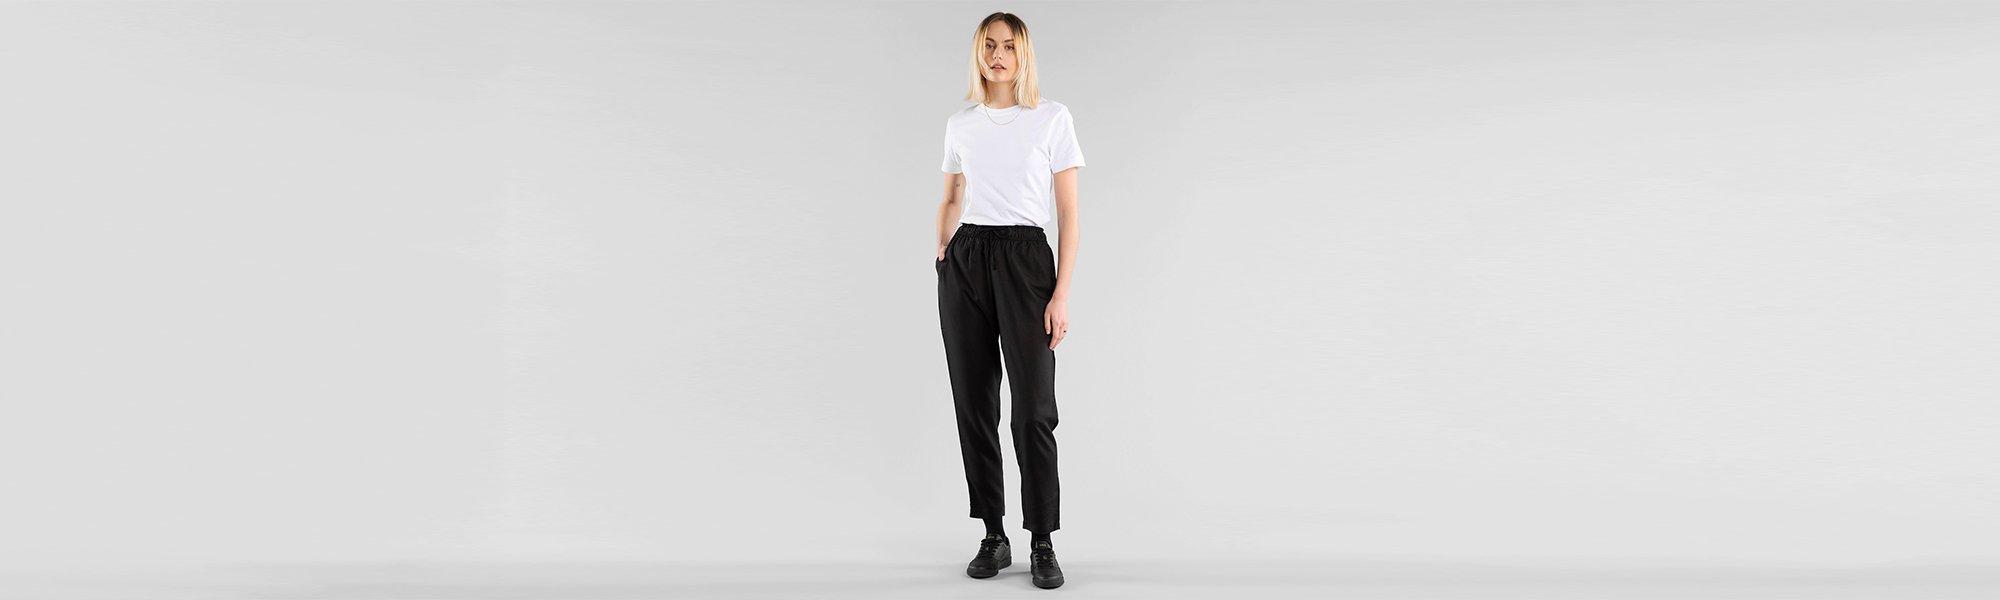 Hosen, Shorts & Skirts für Damen